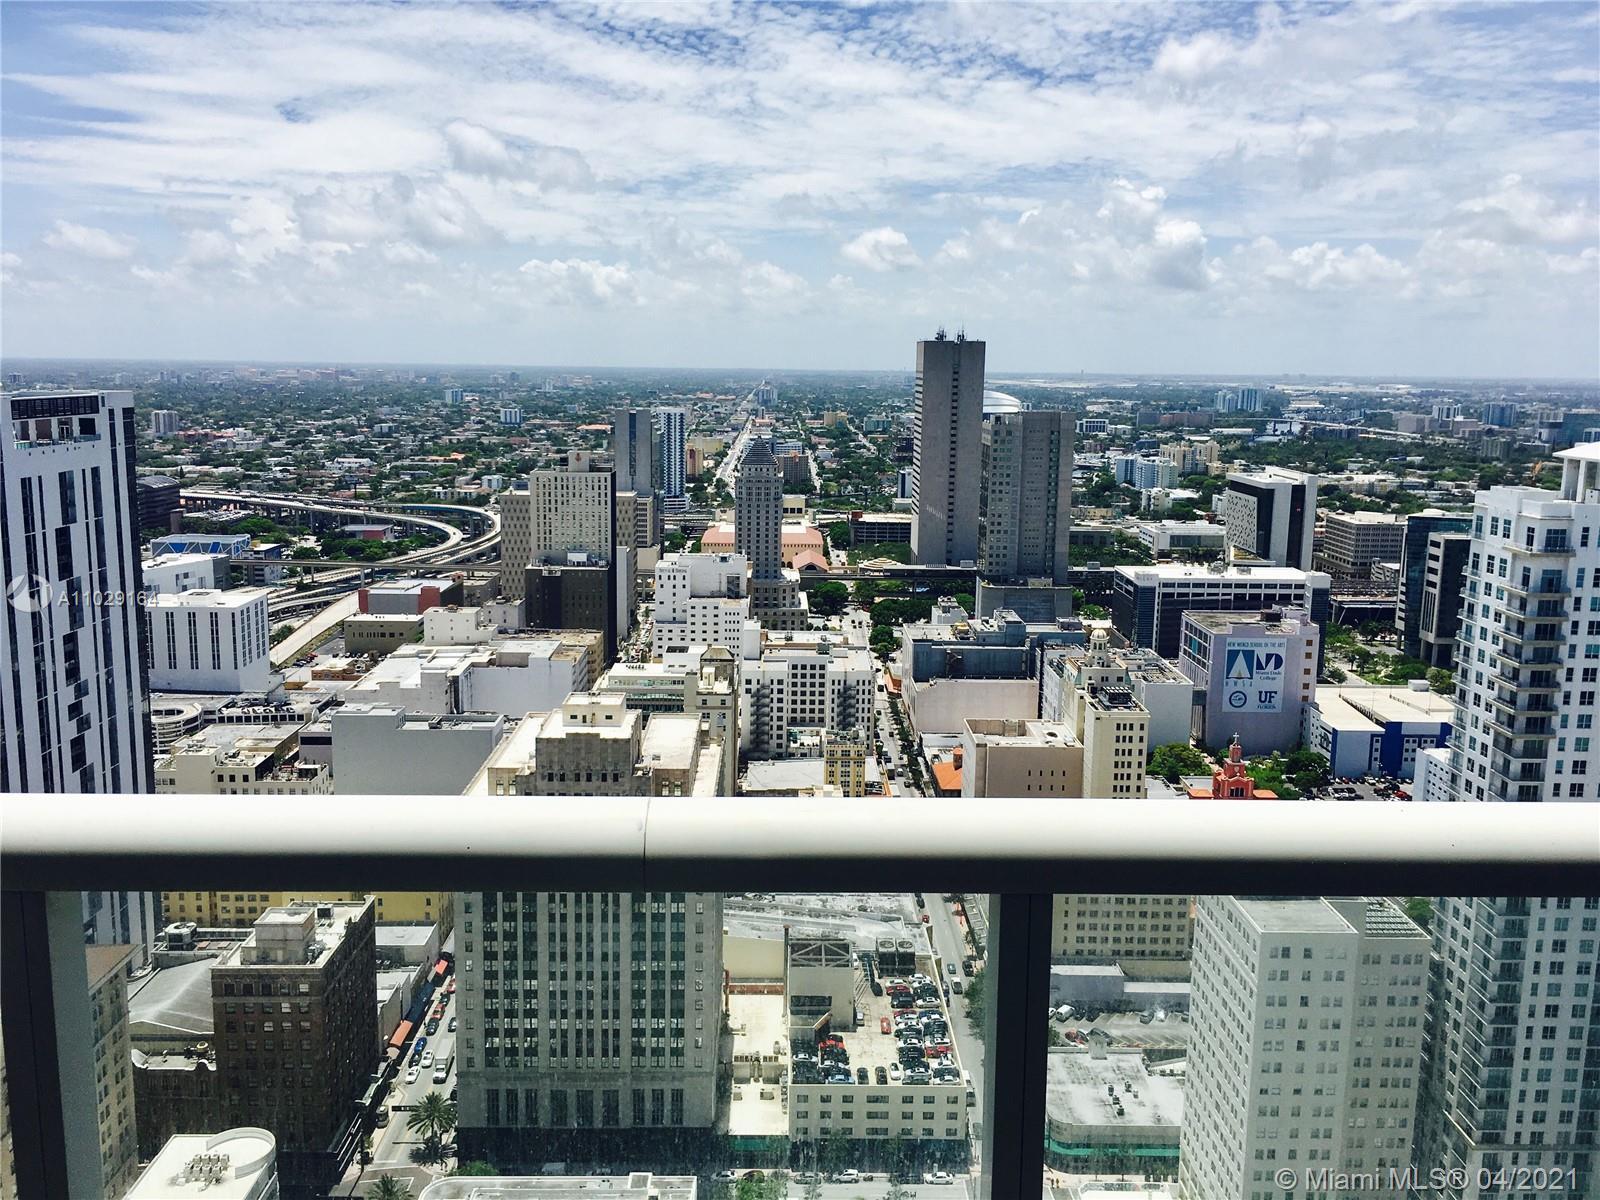 50 Biscayne #4805 - 50 Biscayne Blvd #4805, Miami, FL 33132